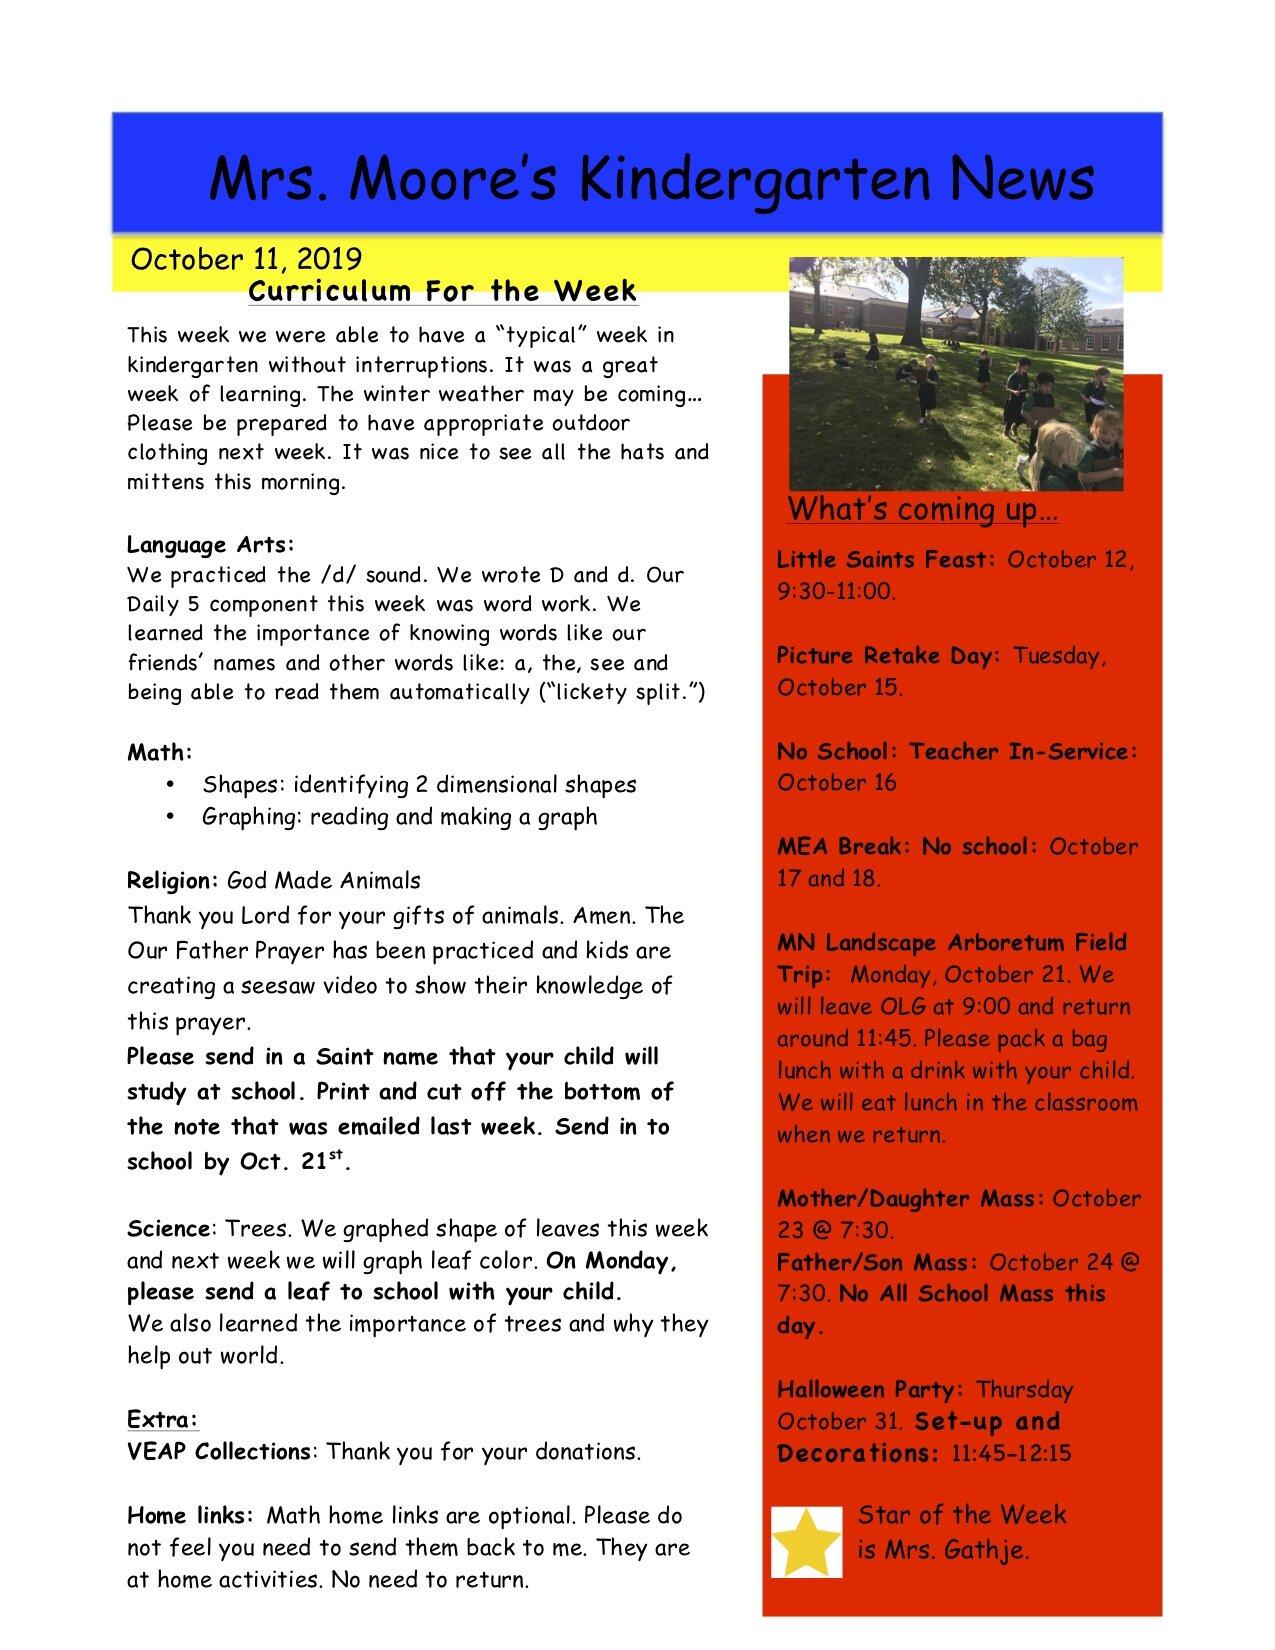 MooreNewsletter 10-11-19.jpg